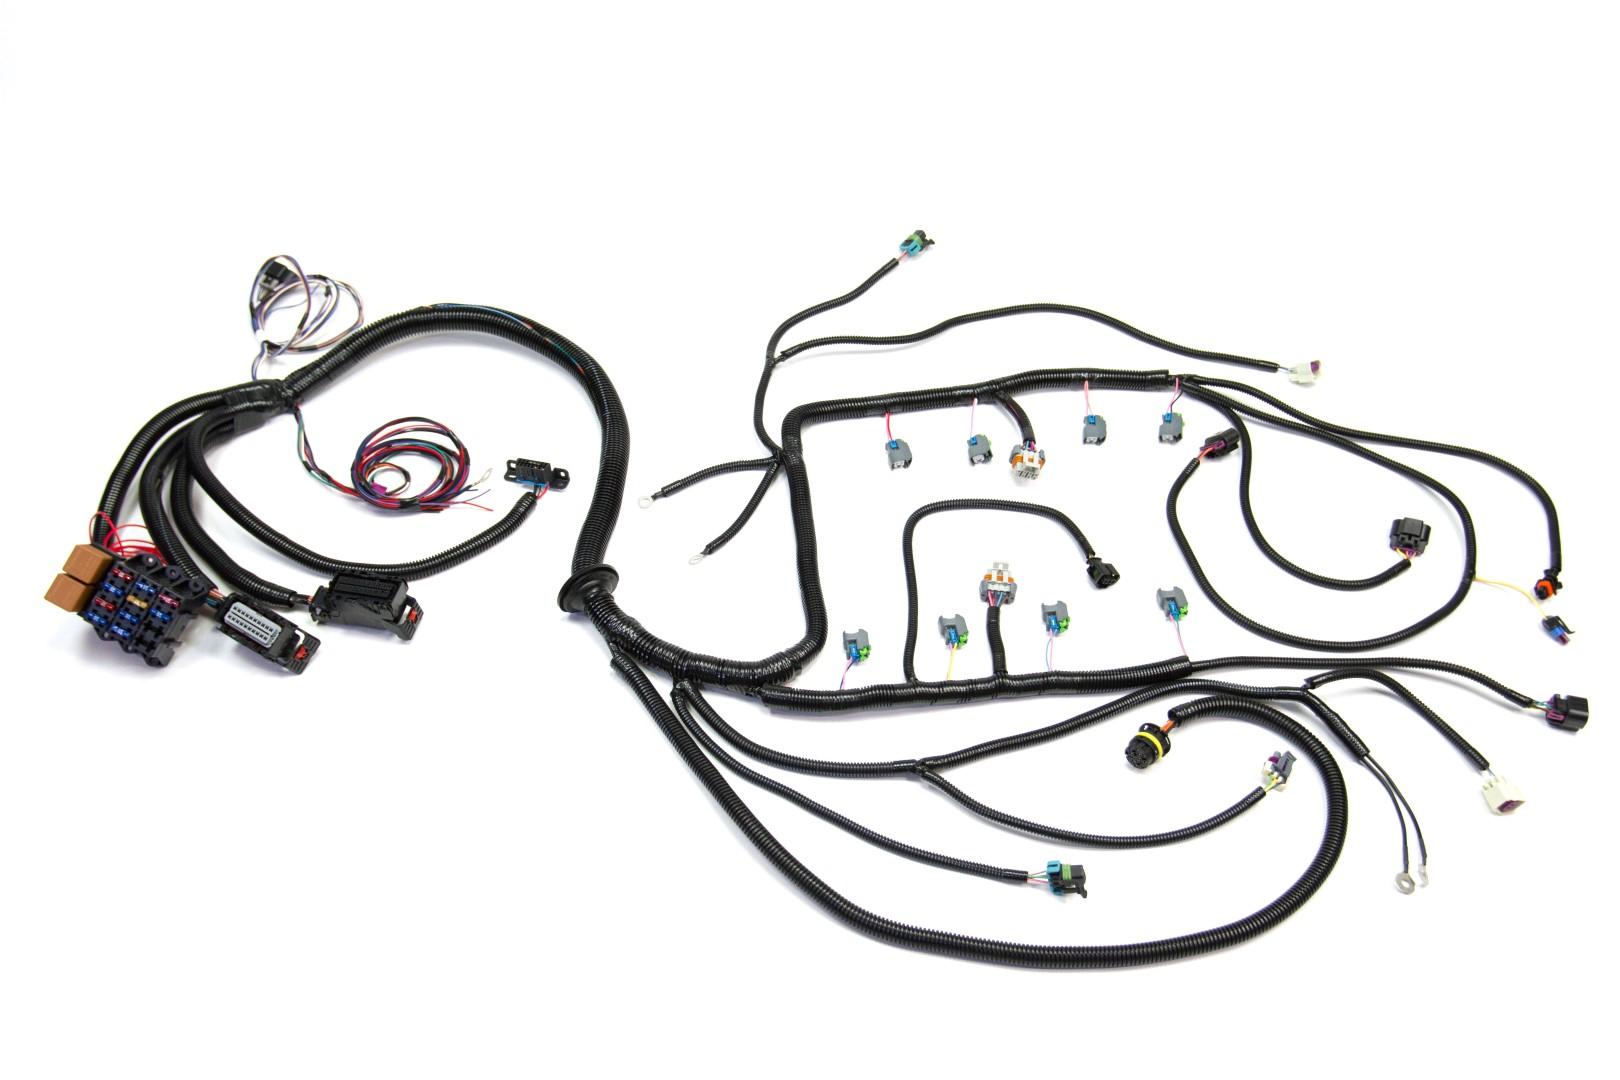 ls3 engine controller wiring